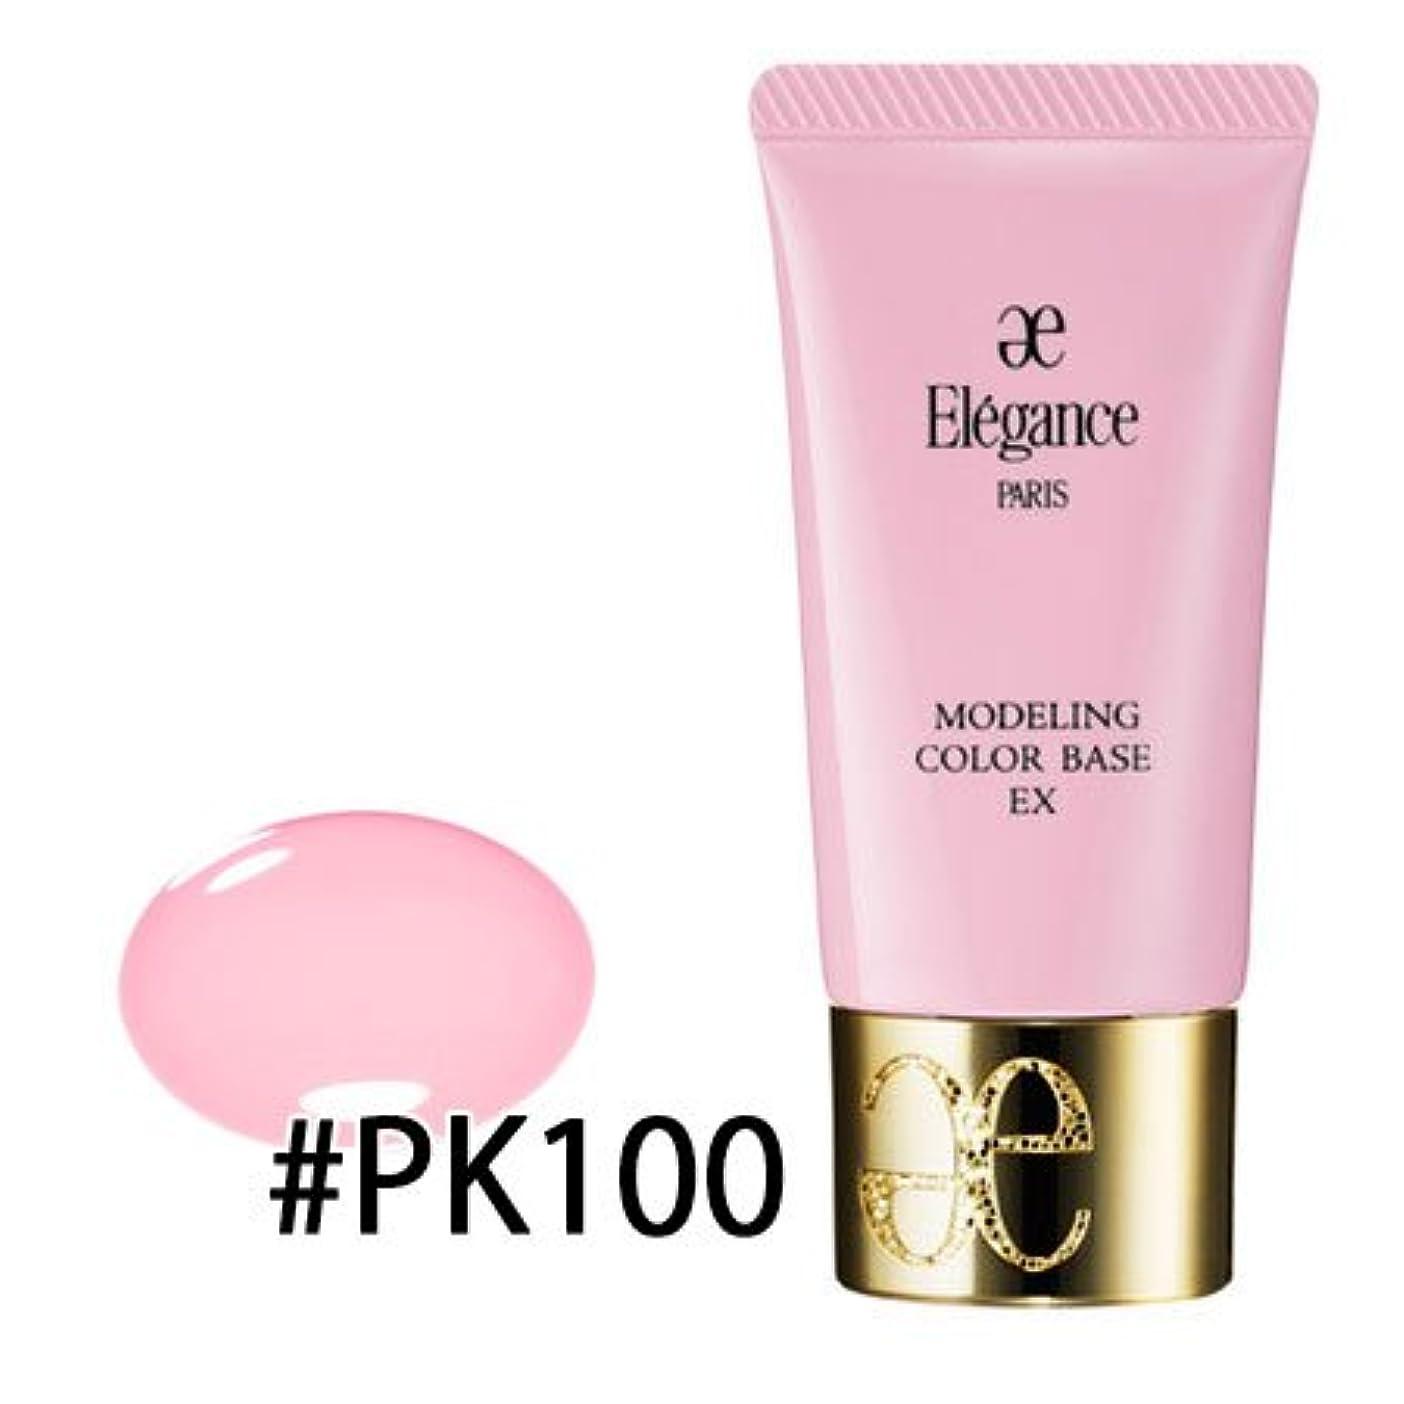 腫瘍安価なバイソンエレガンス モデリング カラーベース EX #PK100